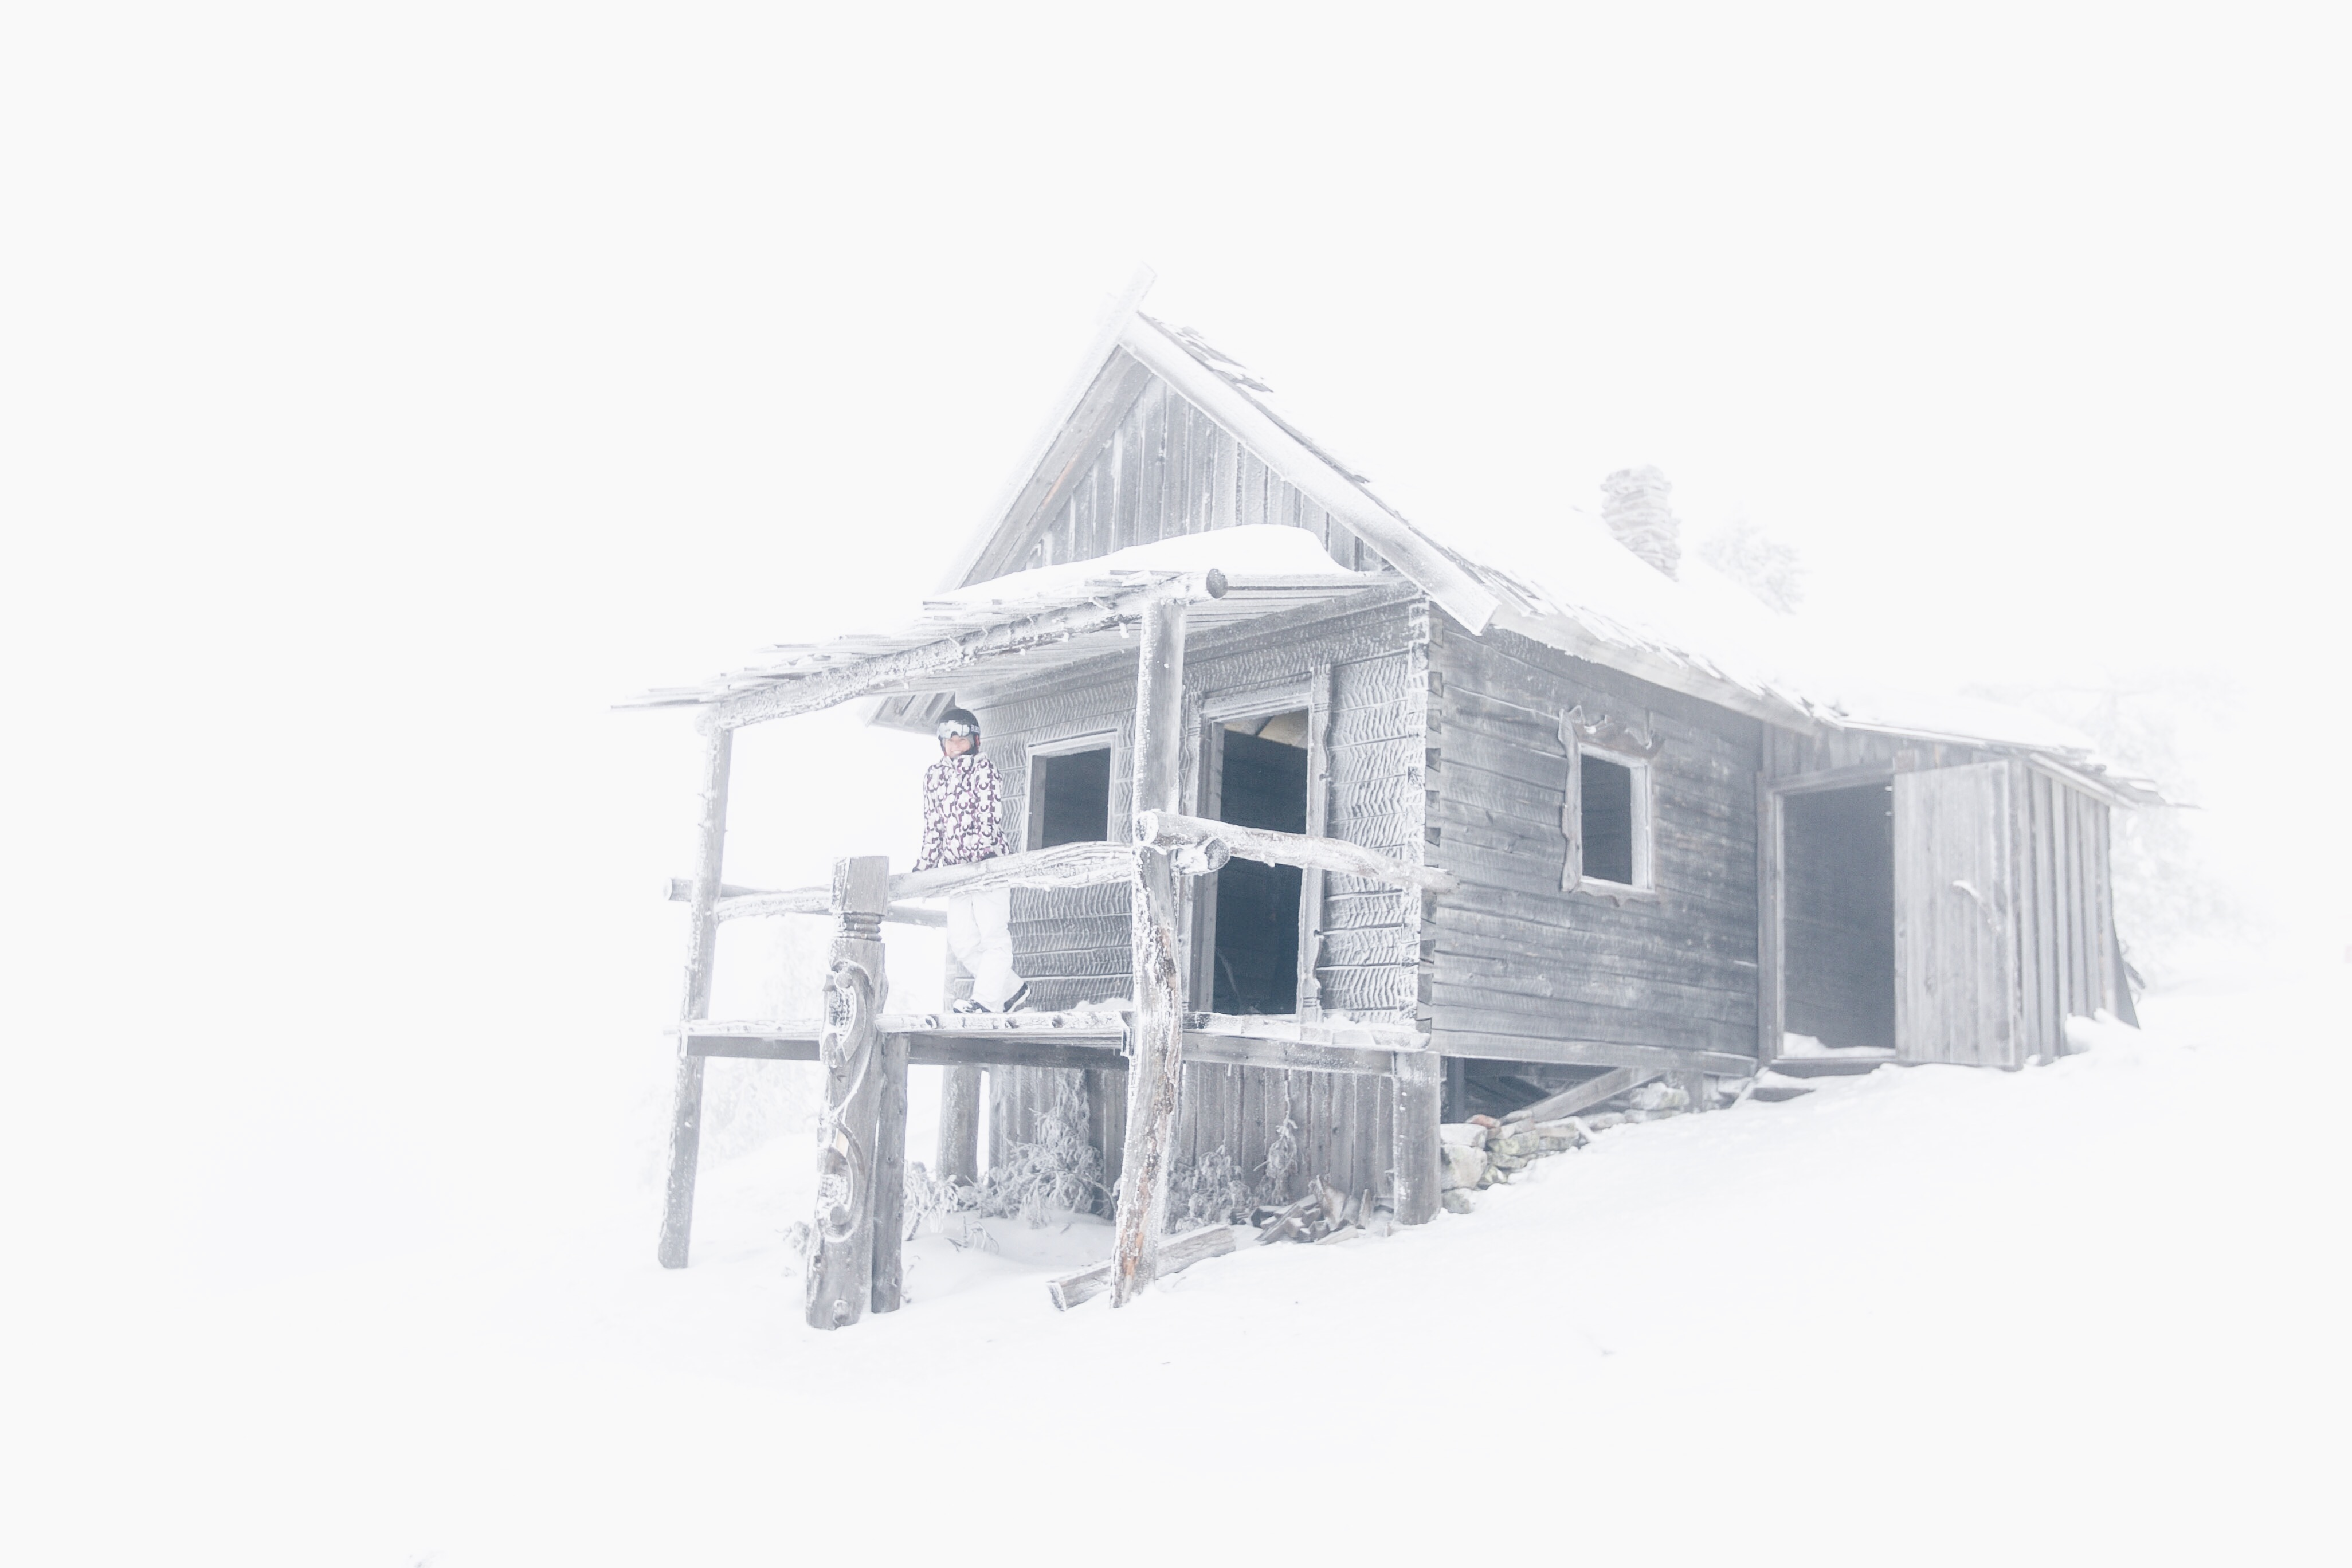 Santa Claus Haus, Levi